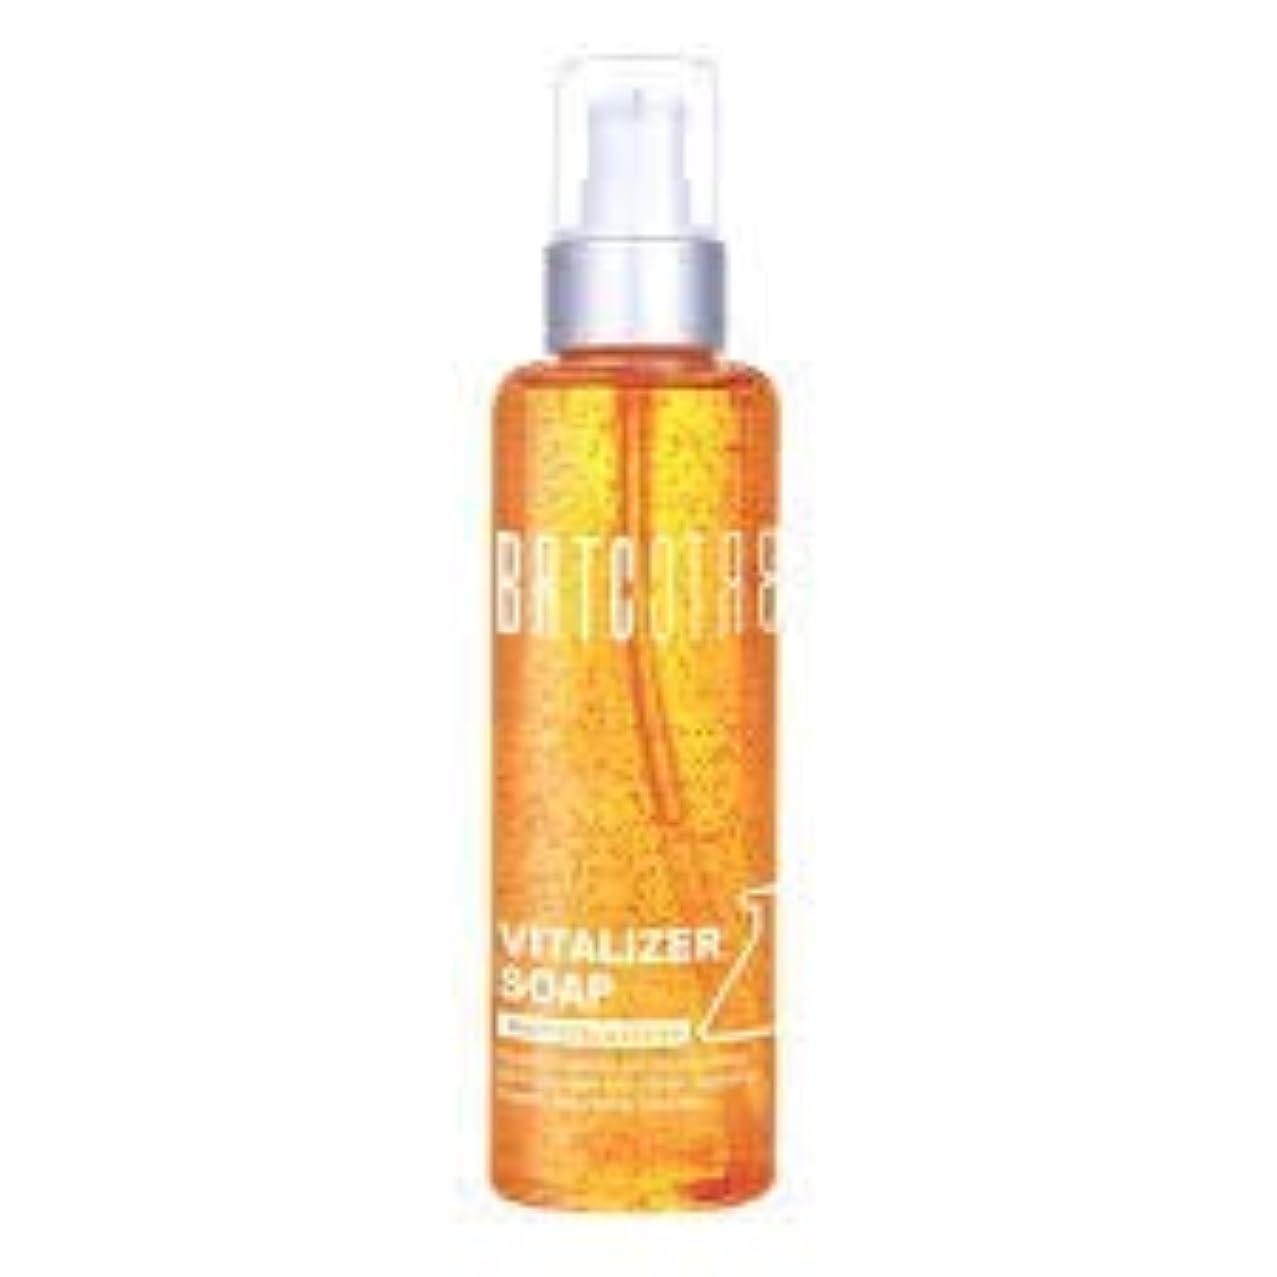 祈るディンカルビル補償BRTC バイタライザー石鹸200ml ビタミンカプセルは、健康で重要な肌を提示するために皮膚に浸透し、吸収します